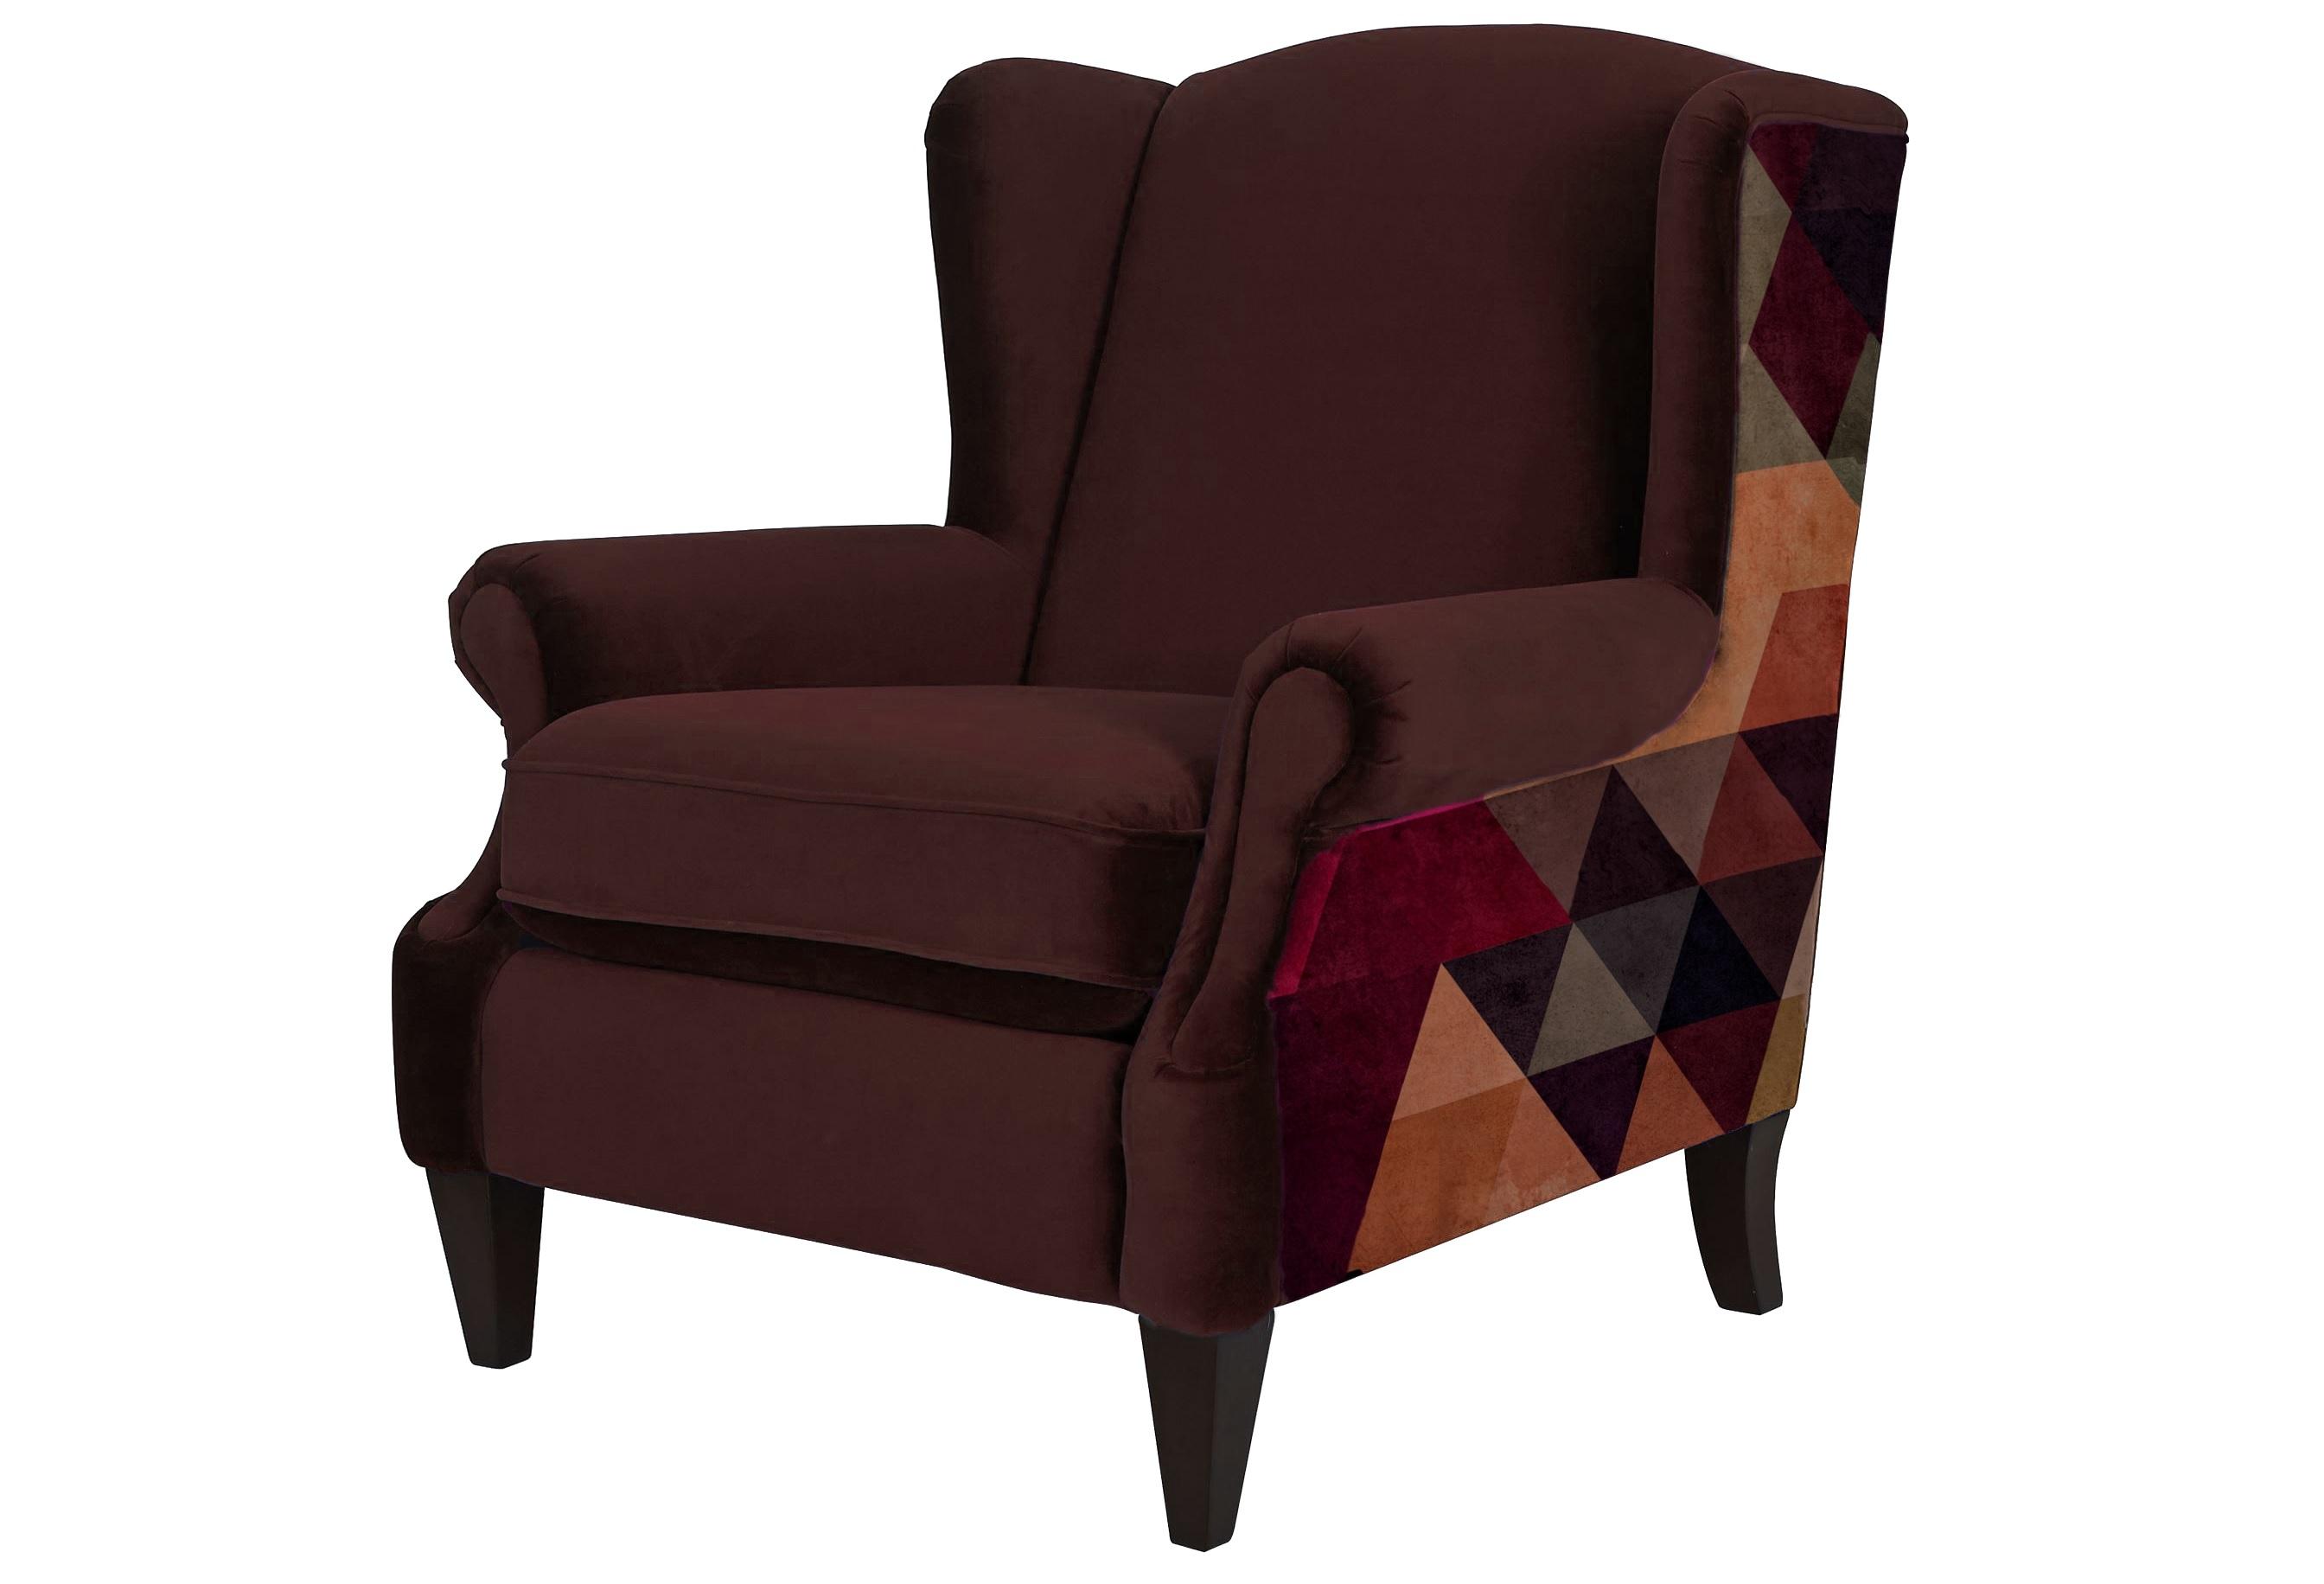 Кресло ModestИнтерьерные кресла<br>Уникальный дизайн. Кресло с принтом одного из талантивейших художников- иллюстраторов Джеймса Соареса. Отличительная черта американского художника это абстрактный графический дизайн с сочетанием множества оттенков. Произвдено из экологически чистых материалов. Каркас и ножки  - дуб. Модель представлена в ткани микровелюр – мягкий, бархатистый материал, широко используемый в качестве обивки для мебели. Обладает целым рядом замечательных свойств: отлично пропускает воздух, отталкивает пыль и долго сохраняет изначальный цвет, не протираясь и не выцветая. Высокие эксплуатационные свойства в сочетании с превосходным дизайном обеспечили микровелюру большую популярность.&amp;lt;div&amp;gt;&amp;lt;br&amp;gt;&amp;lt;/div&amp;gt;&amp;lt;div&amp;gt;&amp;lt;div&amp;gt;По желанию возможность выбрать ткань из других коллекций.&amp;lt;/div&amp;gt;&amp;lt;div&amp;gt;Гарантия от производителя 1 год.&amp;lt;/div&amp;gt;&amp;lt;div&amp;gt;Продукция изготавливается под заказ, стандартный срок производства 3-4 недели. Более точную информацию уточняйте у менеджера.&amp;lt;/div&amp;gt;&amp;lt;/div&amp;gt;<br><br>Material: Текстиль<br>Length см: None<br>Width см: 82<br>Depth см: 88<br>Height см: 98